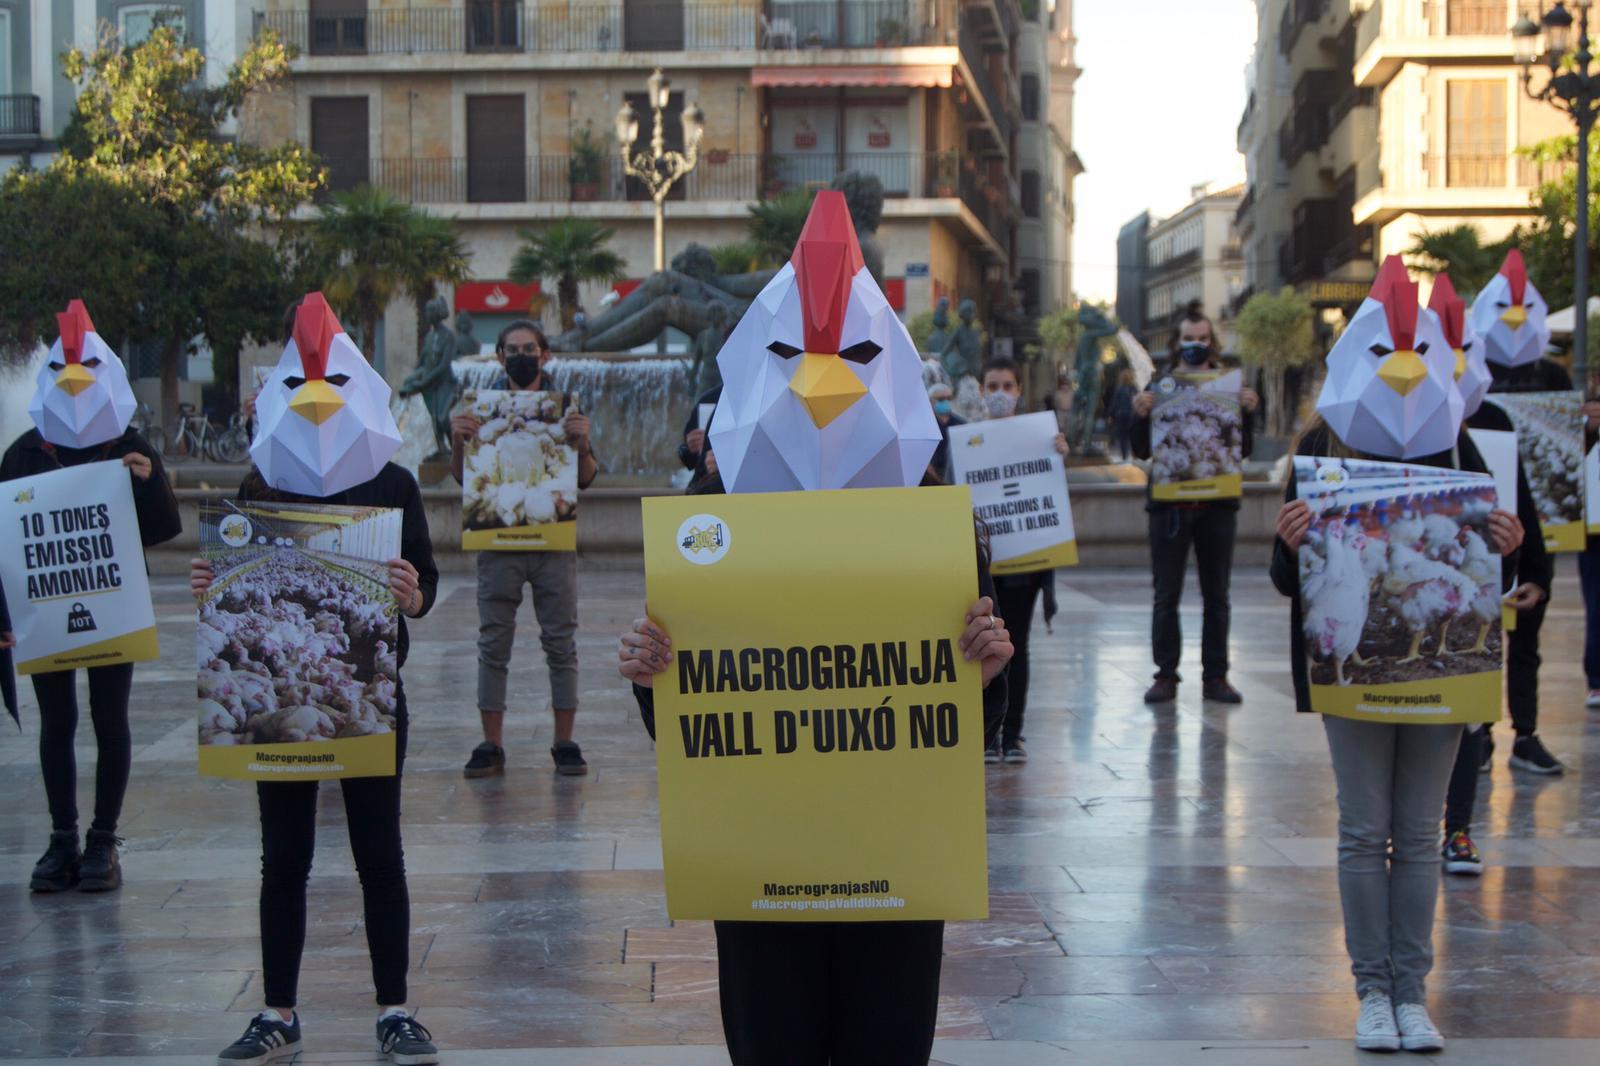 Ecologistas se concentran en Valencia contra la Macrogranja de la Vall d'Uixó - andacentral